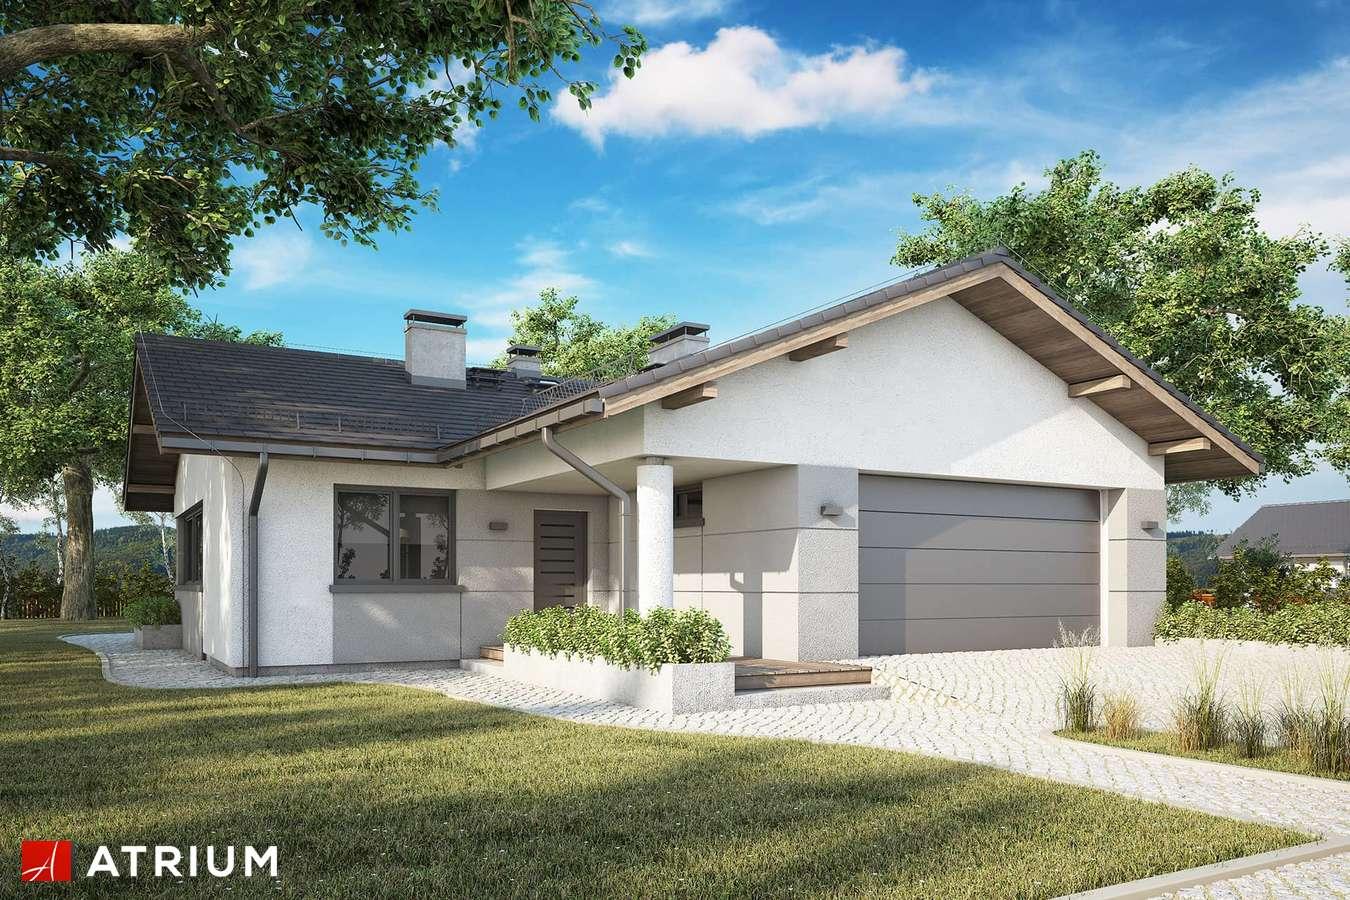 Projekty domów - Projekt domu parterowego OSTOJA VII - wizualizacja 1 - wersja lustrzana